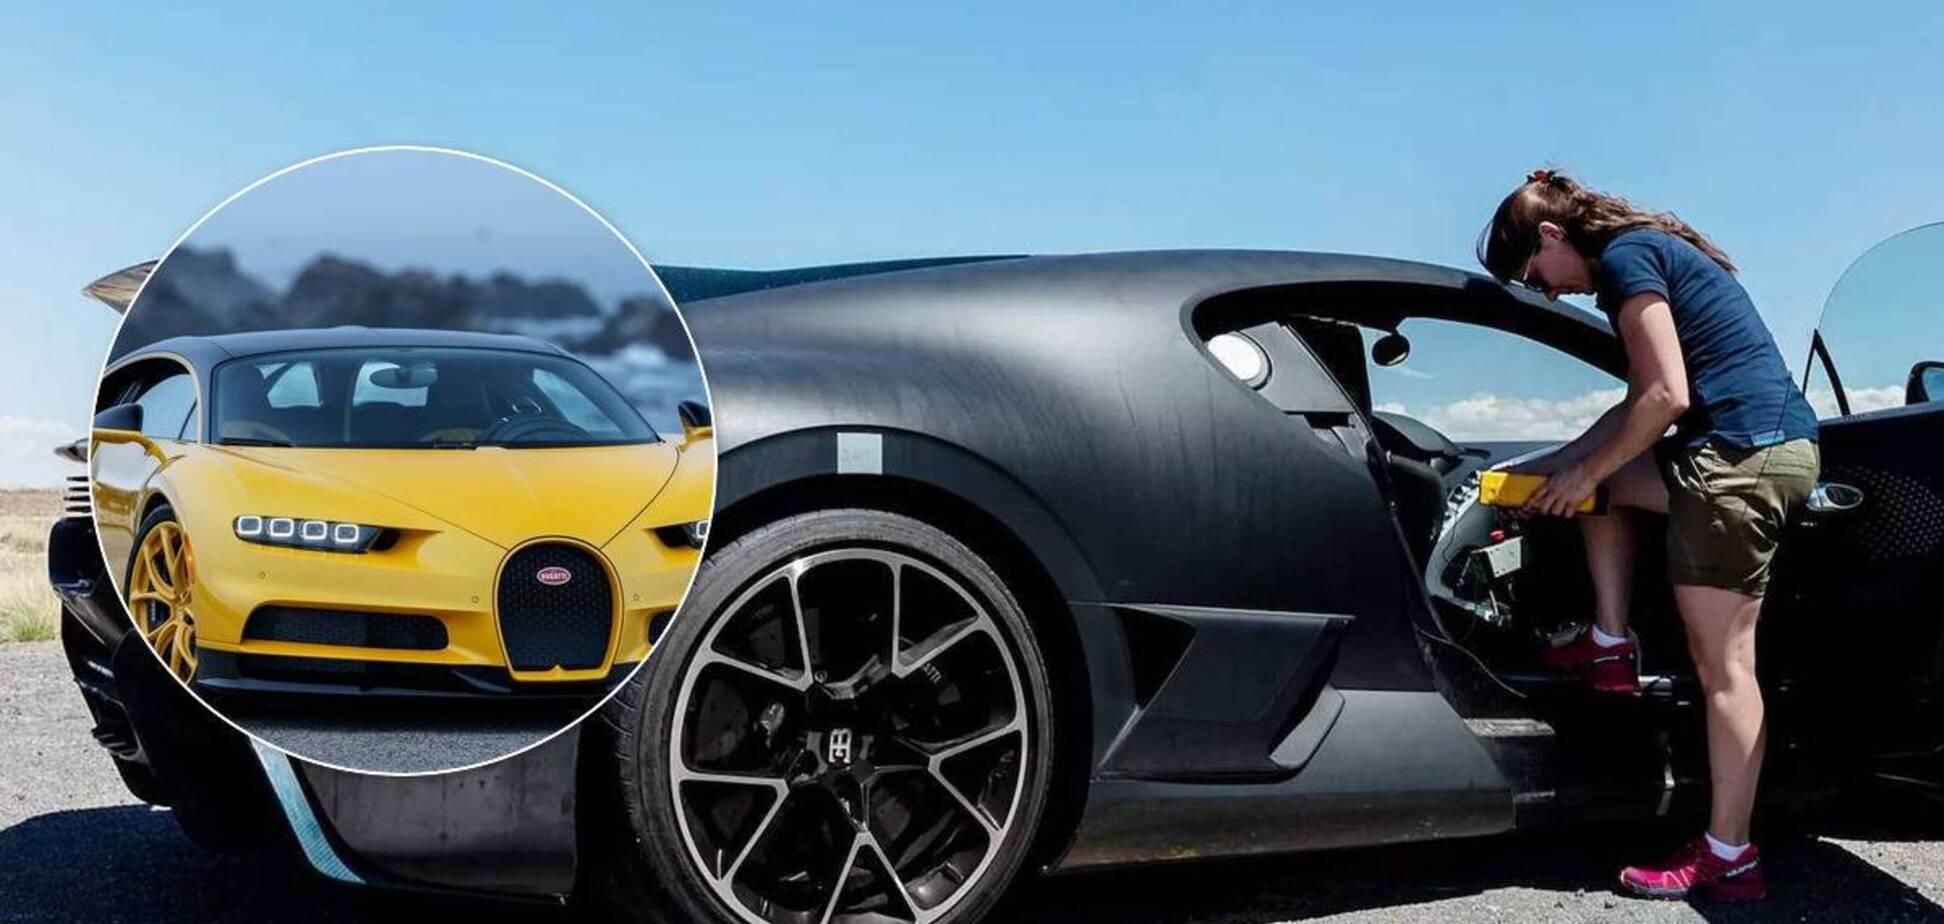 Гіперкар Bugatti Chiron отримав дуже потужний кондиціонер. Фото: Bugatti